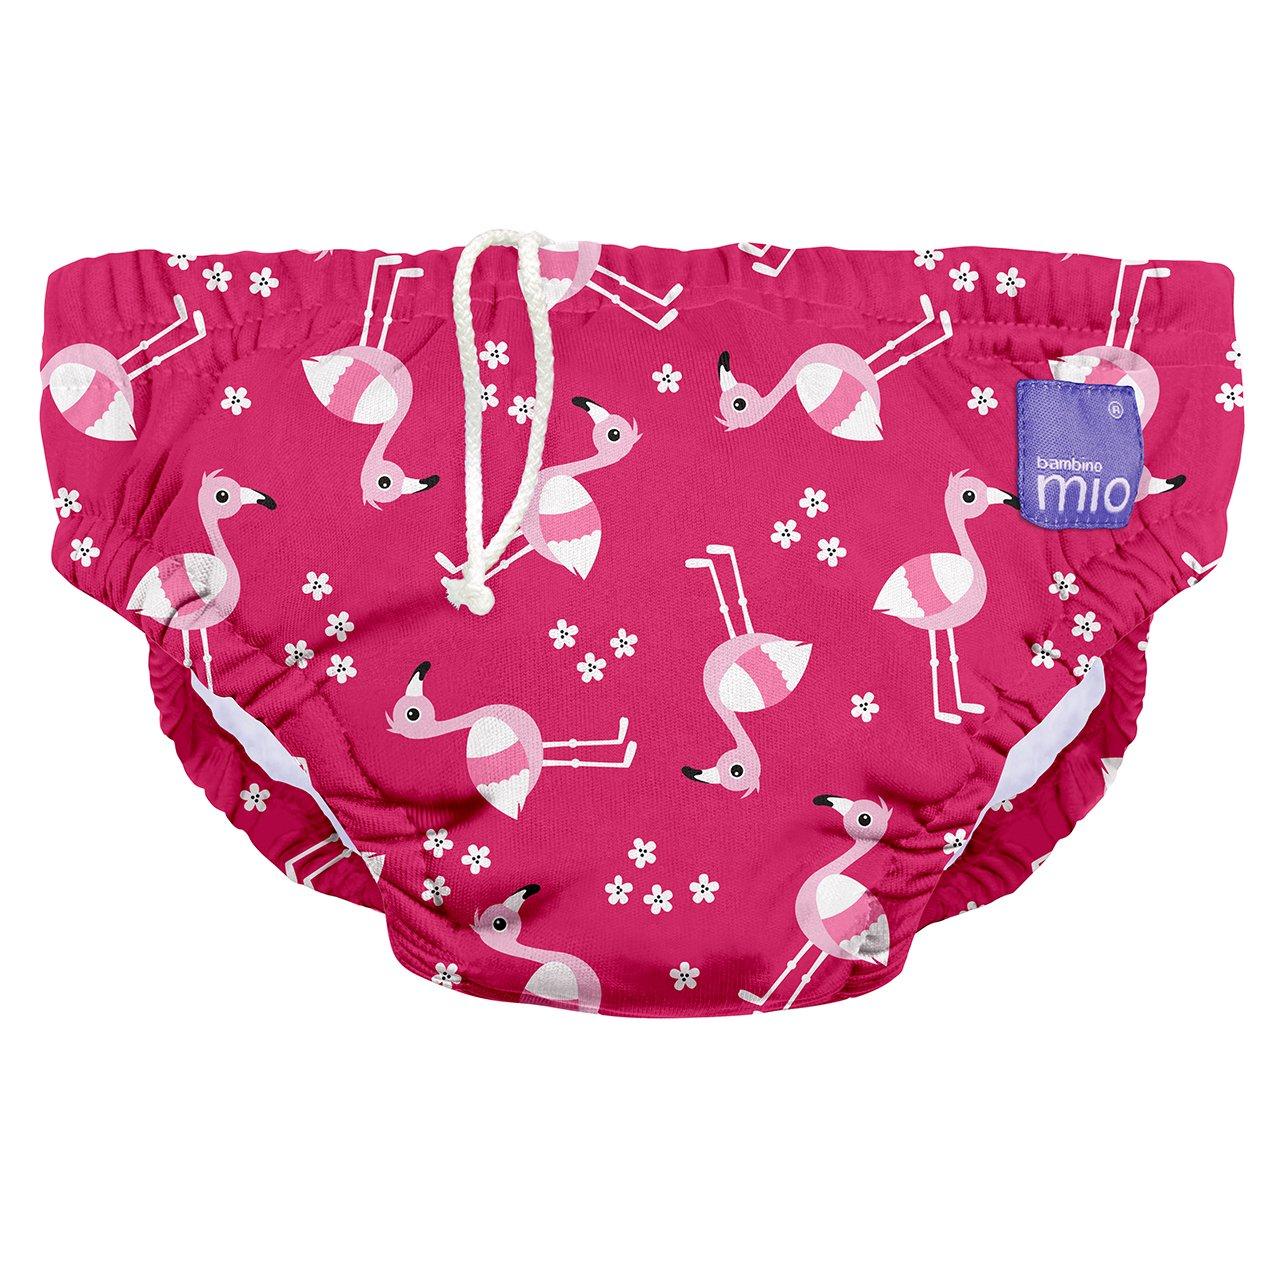 Bambino Mio, les culottes de natation, flamant rose, l (1-2 ans) BB9Y1 SWPL PKFL